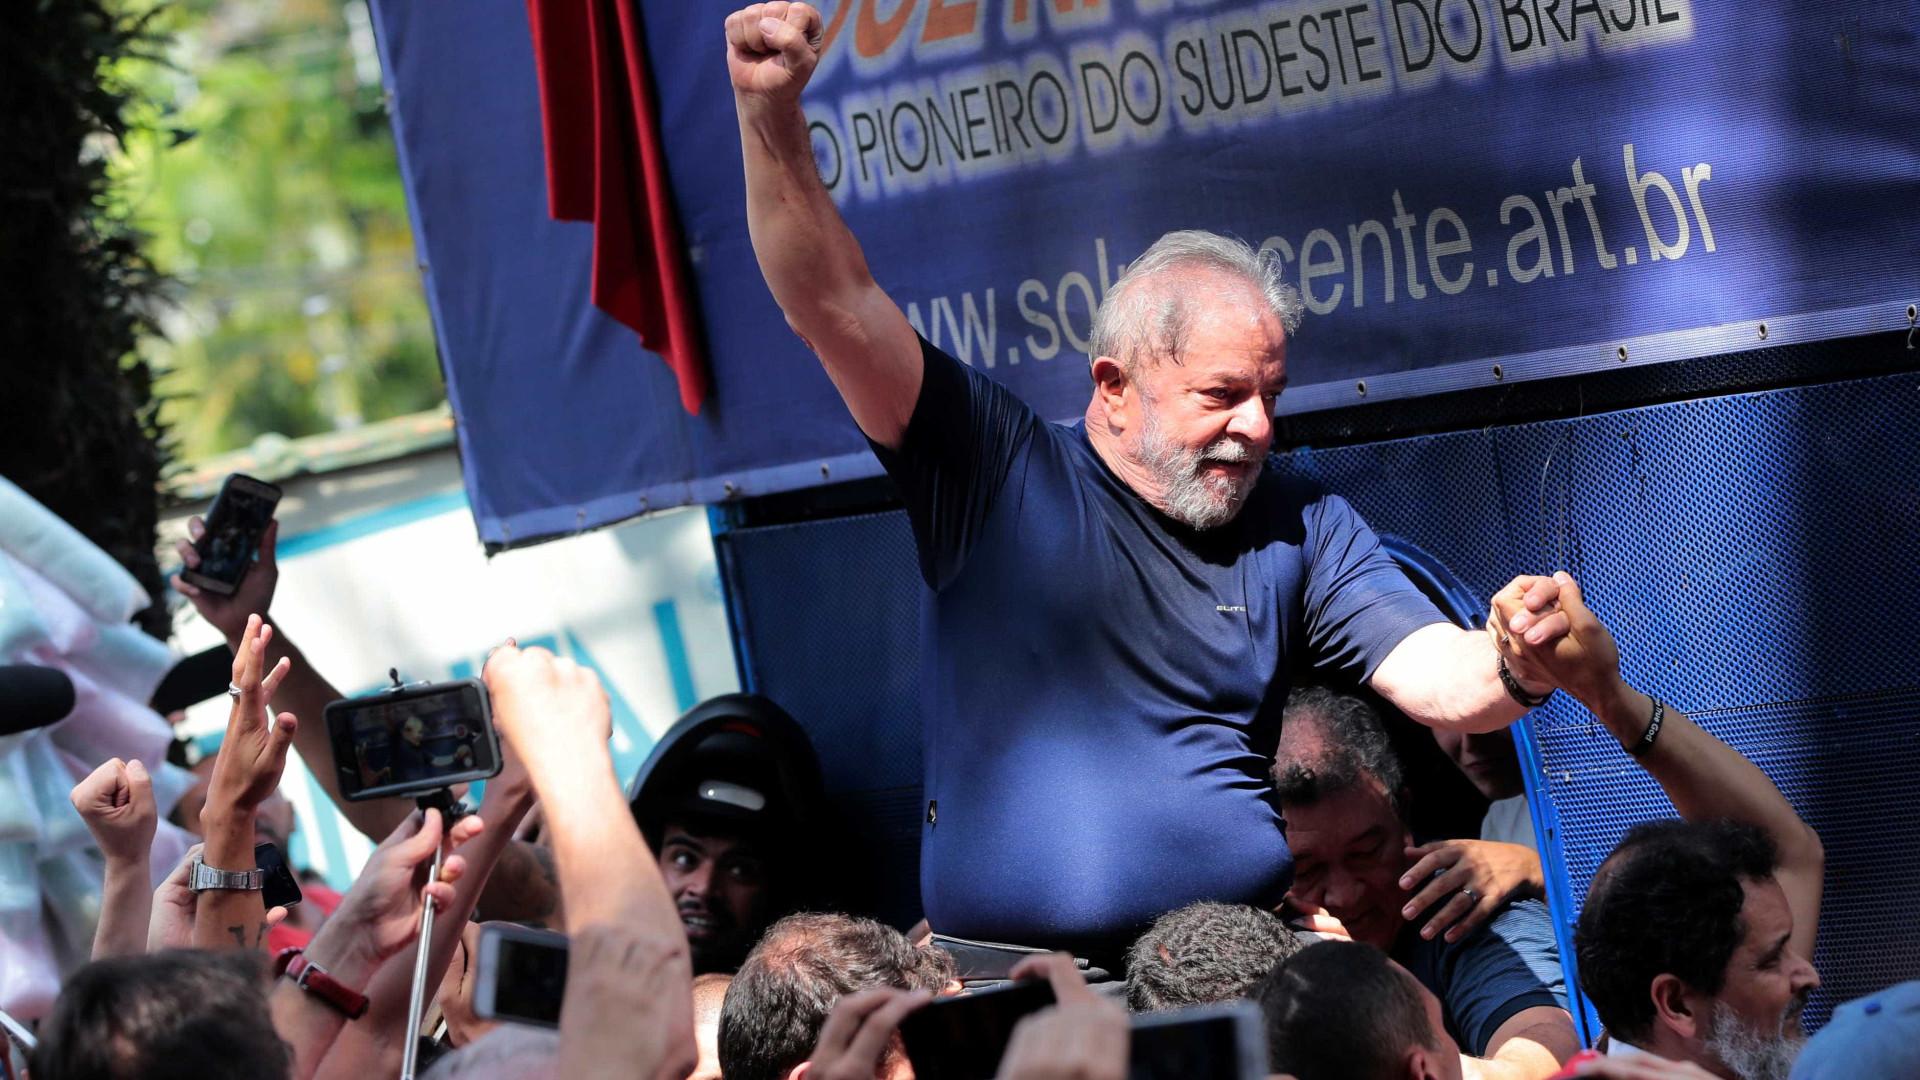 Mesmo preso, Lula lidera corrida presidencial com folga